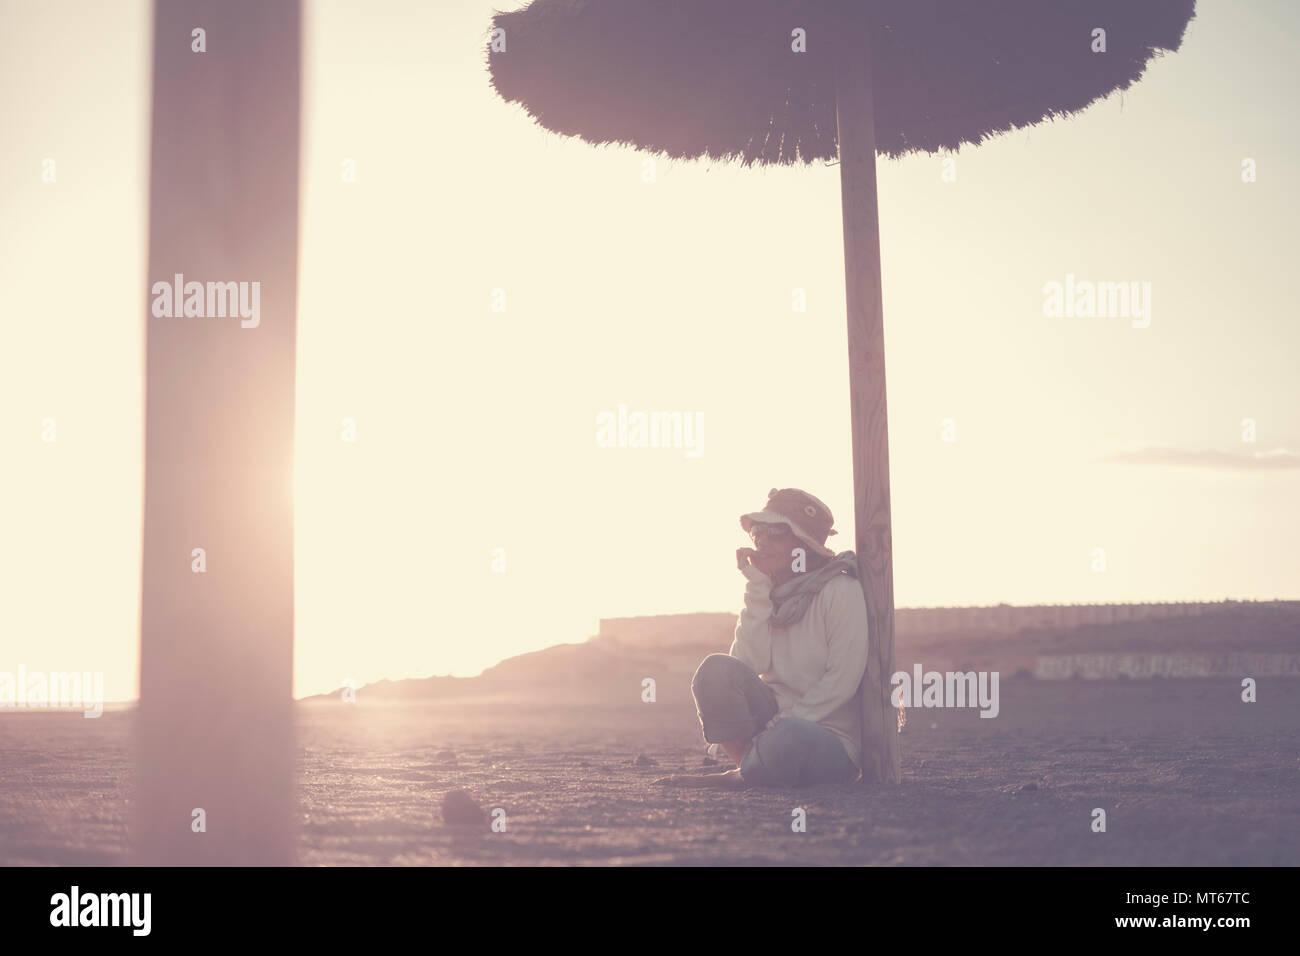 Lonely bella età media femmina di sedersi in spiaggia con una straordinaria luce del tramonto sullo sfondo. tenerife luogo scenico per vacanza. estate leisu Immagini Stock